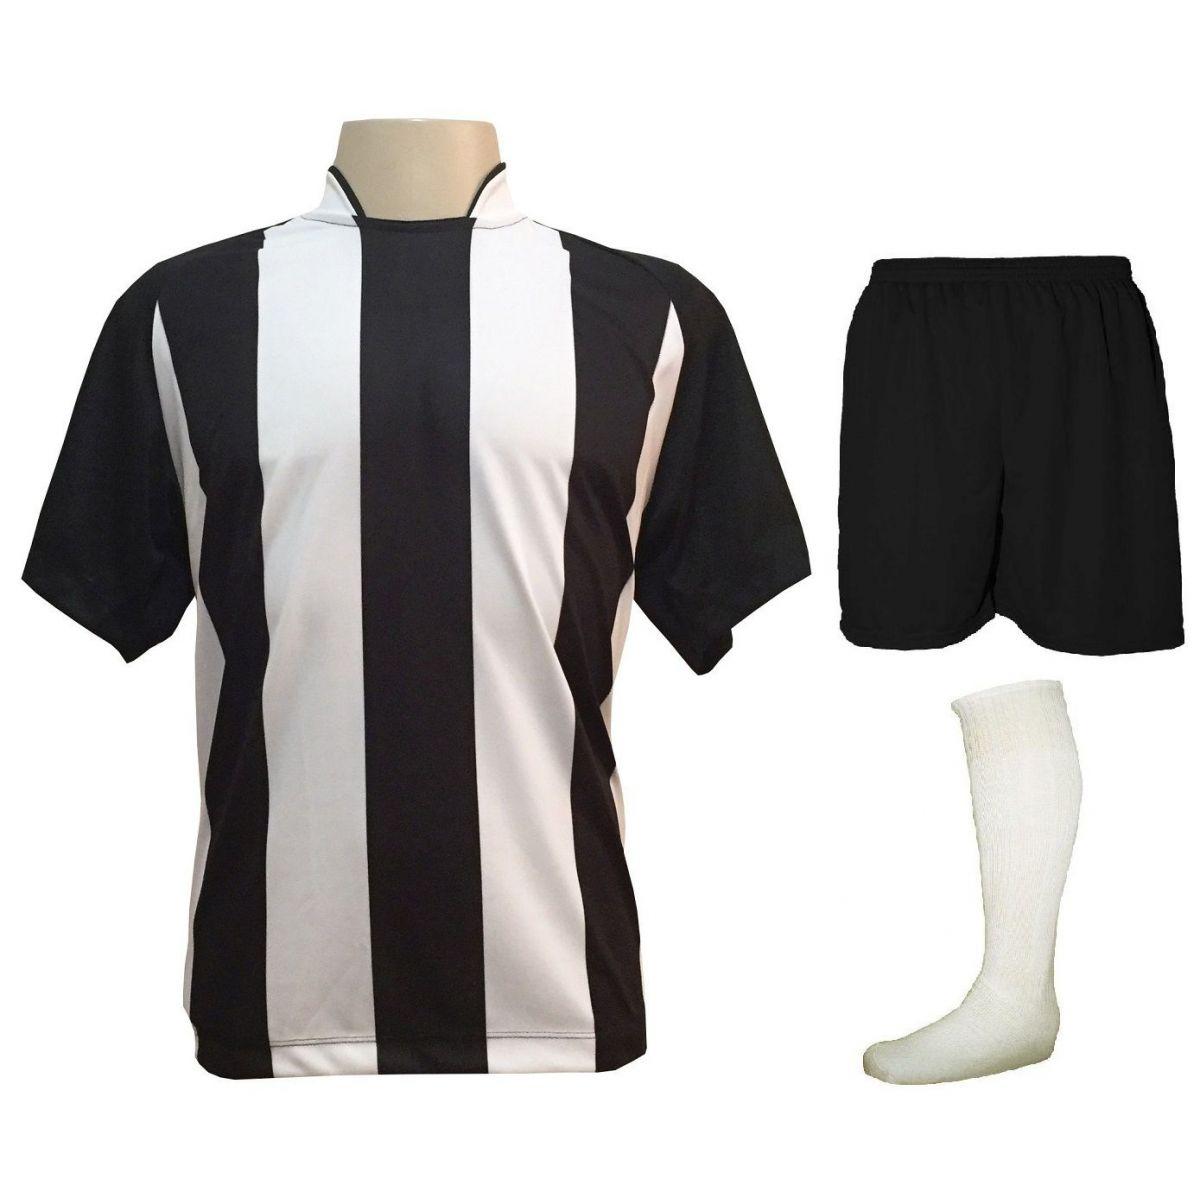 9c1acdef8a6f7 Uniforme Esportivo com 18 camisas modelo Milan Preto Branco + 18 calções  modelo Madrid Preto